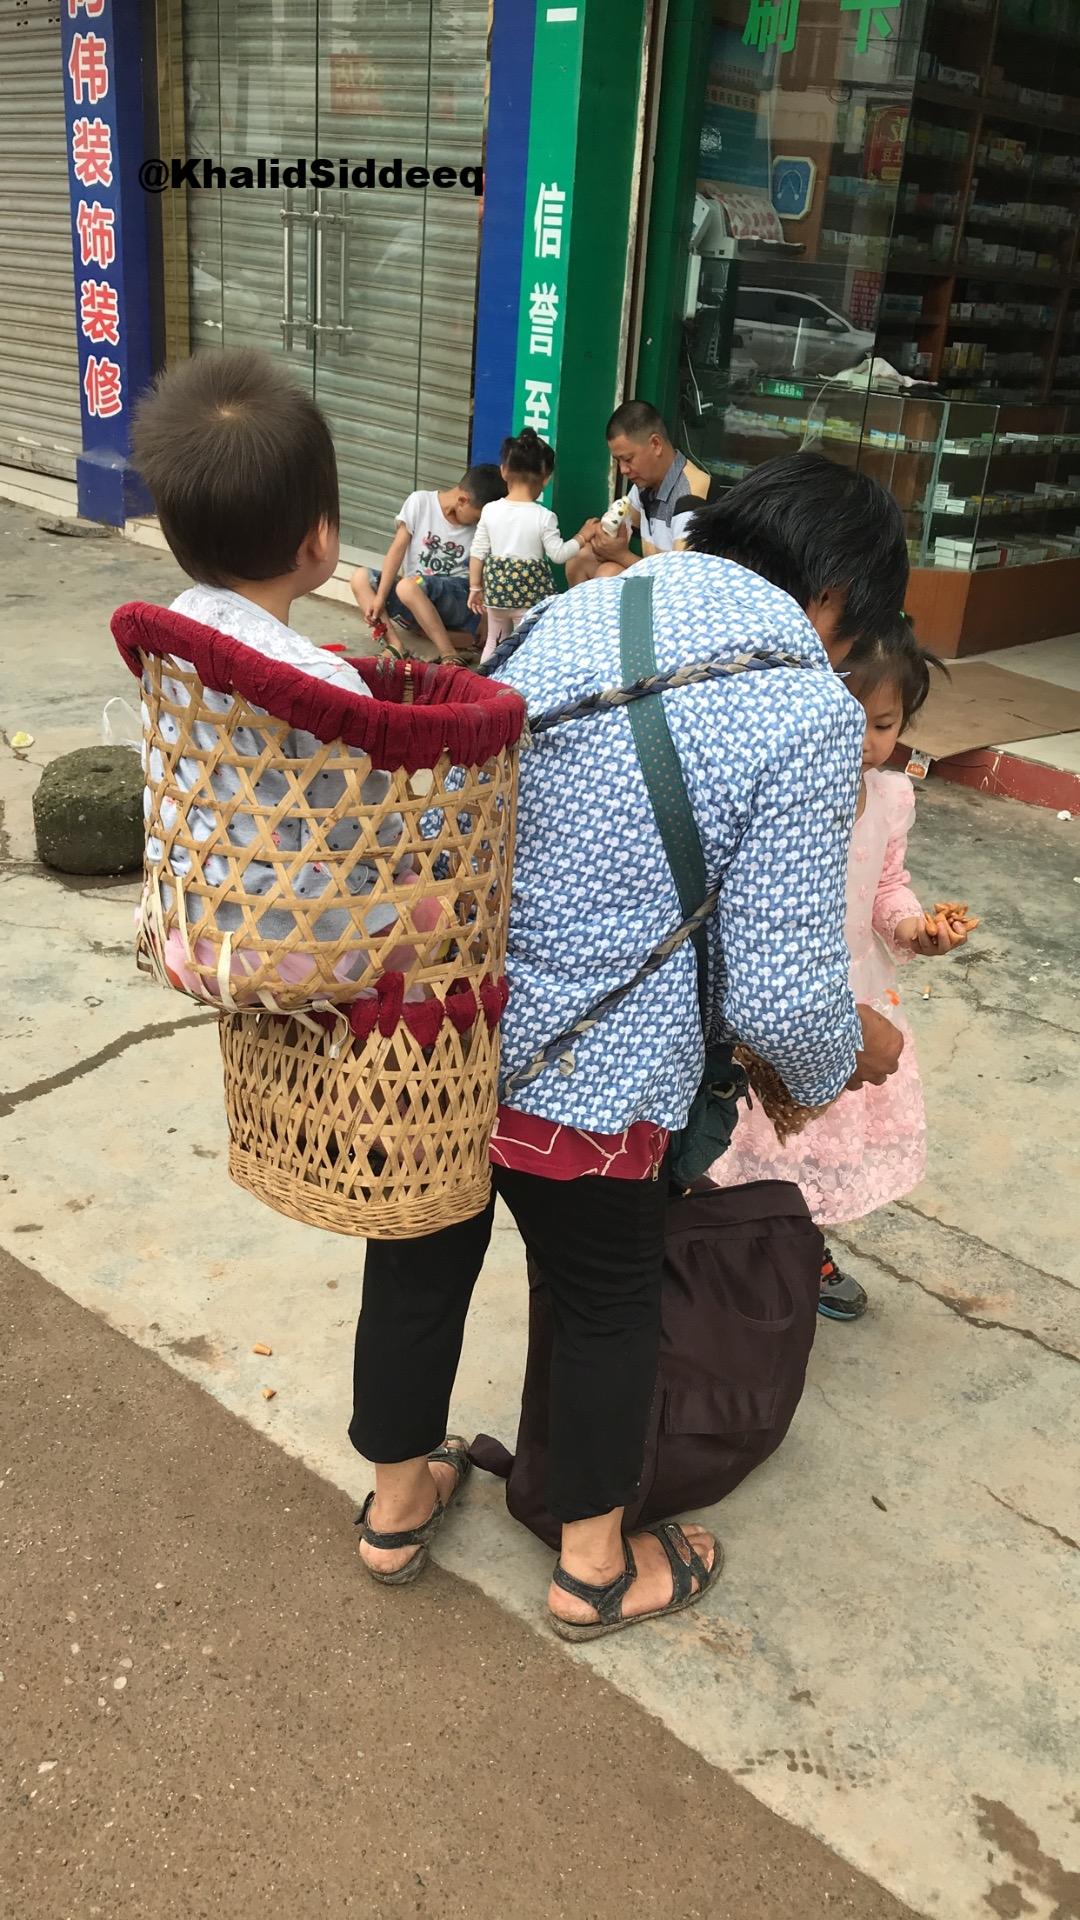 إمرأة تحمل طفلها بطريقة تقليدية